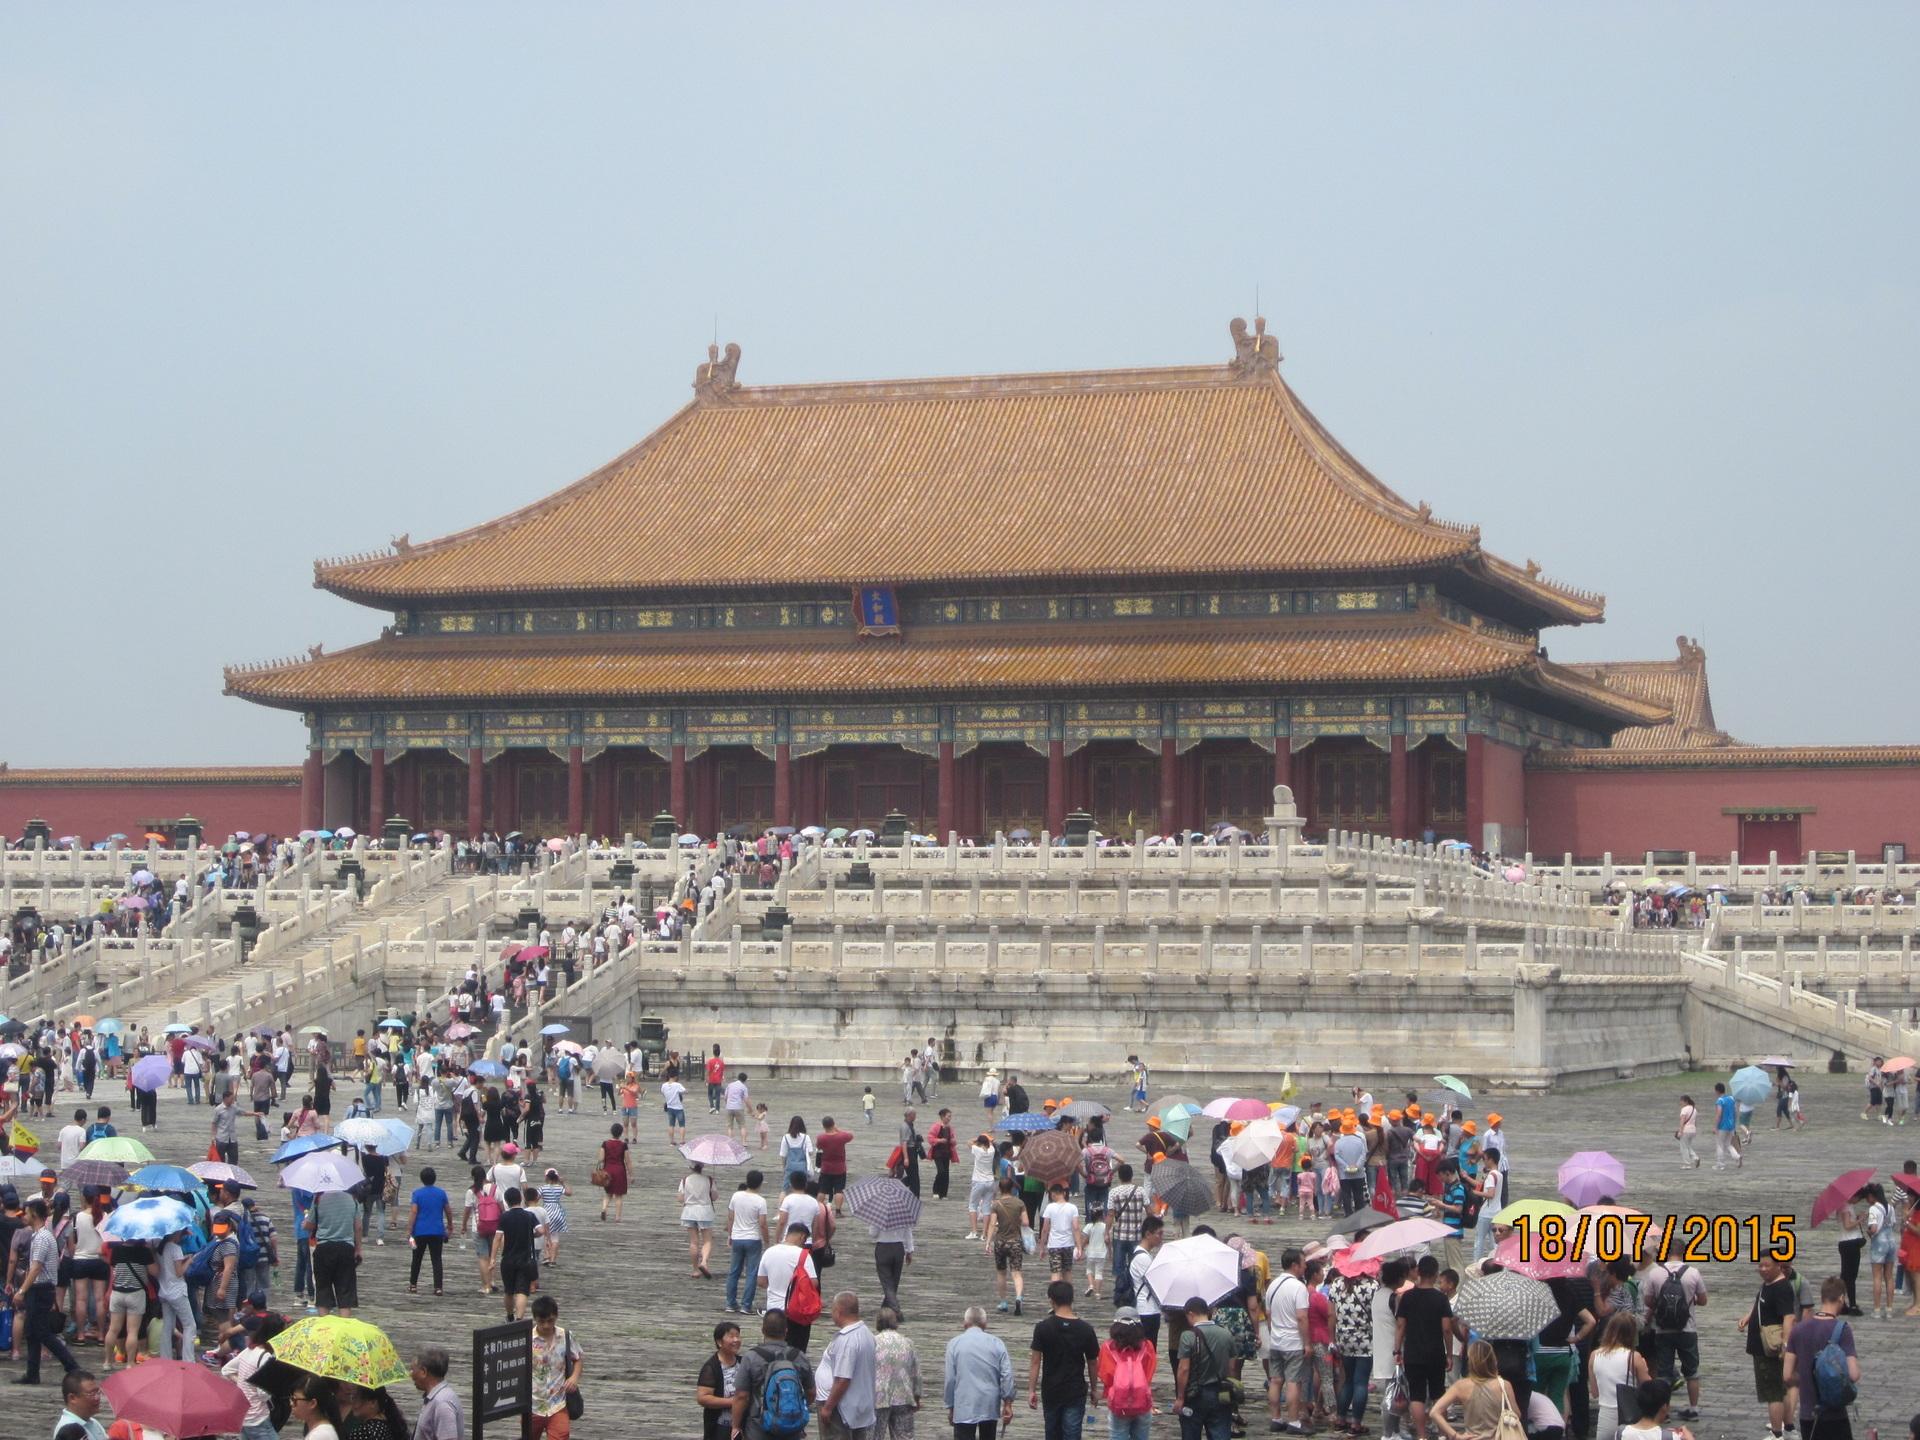 Verbotene Stadt in Beijing 2015